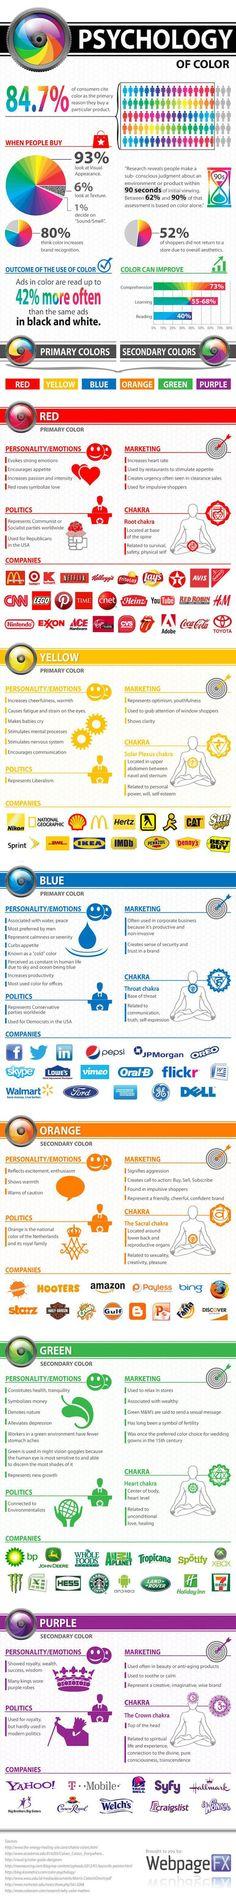 Jedes Start-up braucht ein Logo! Die Wahl der Farbe ist dabei nicht zu unterschätzen. Einen interessanten Einblick in die Farb-Psychologie bietet eine Infografik der US-Designagentur The Logo Co. Demnach steht etwa die Farbe blau für Zuverlässigkeit und Stärke.